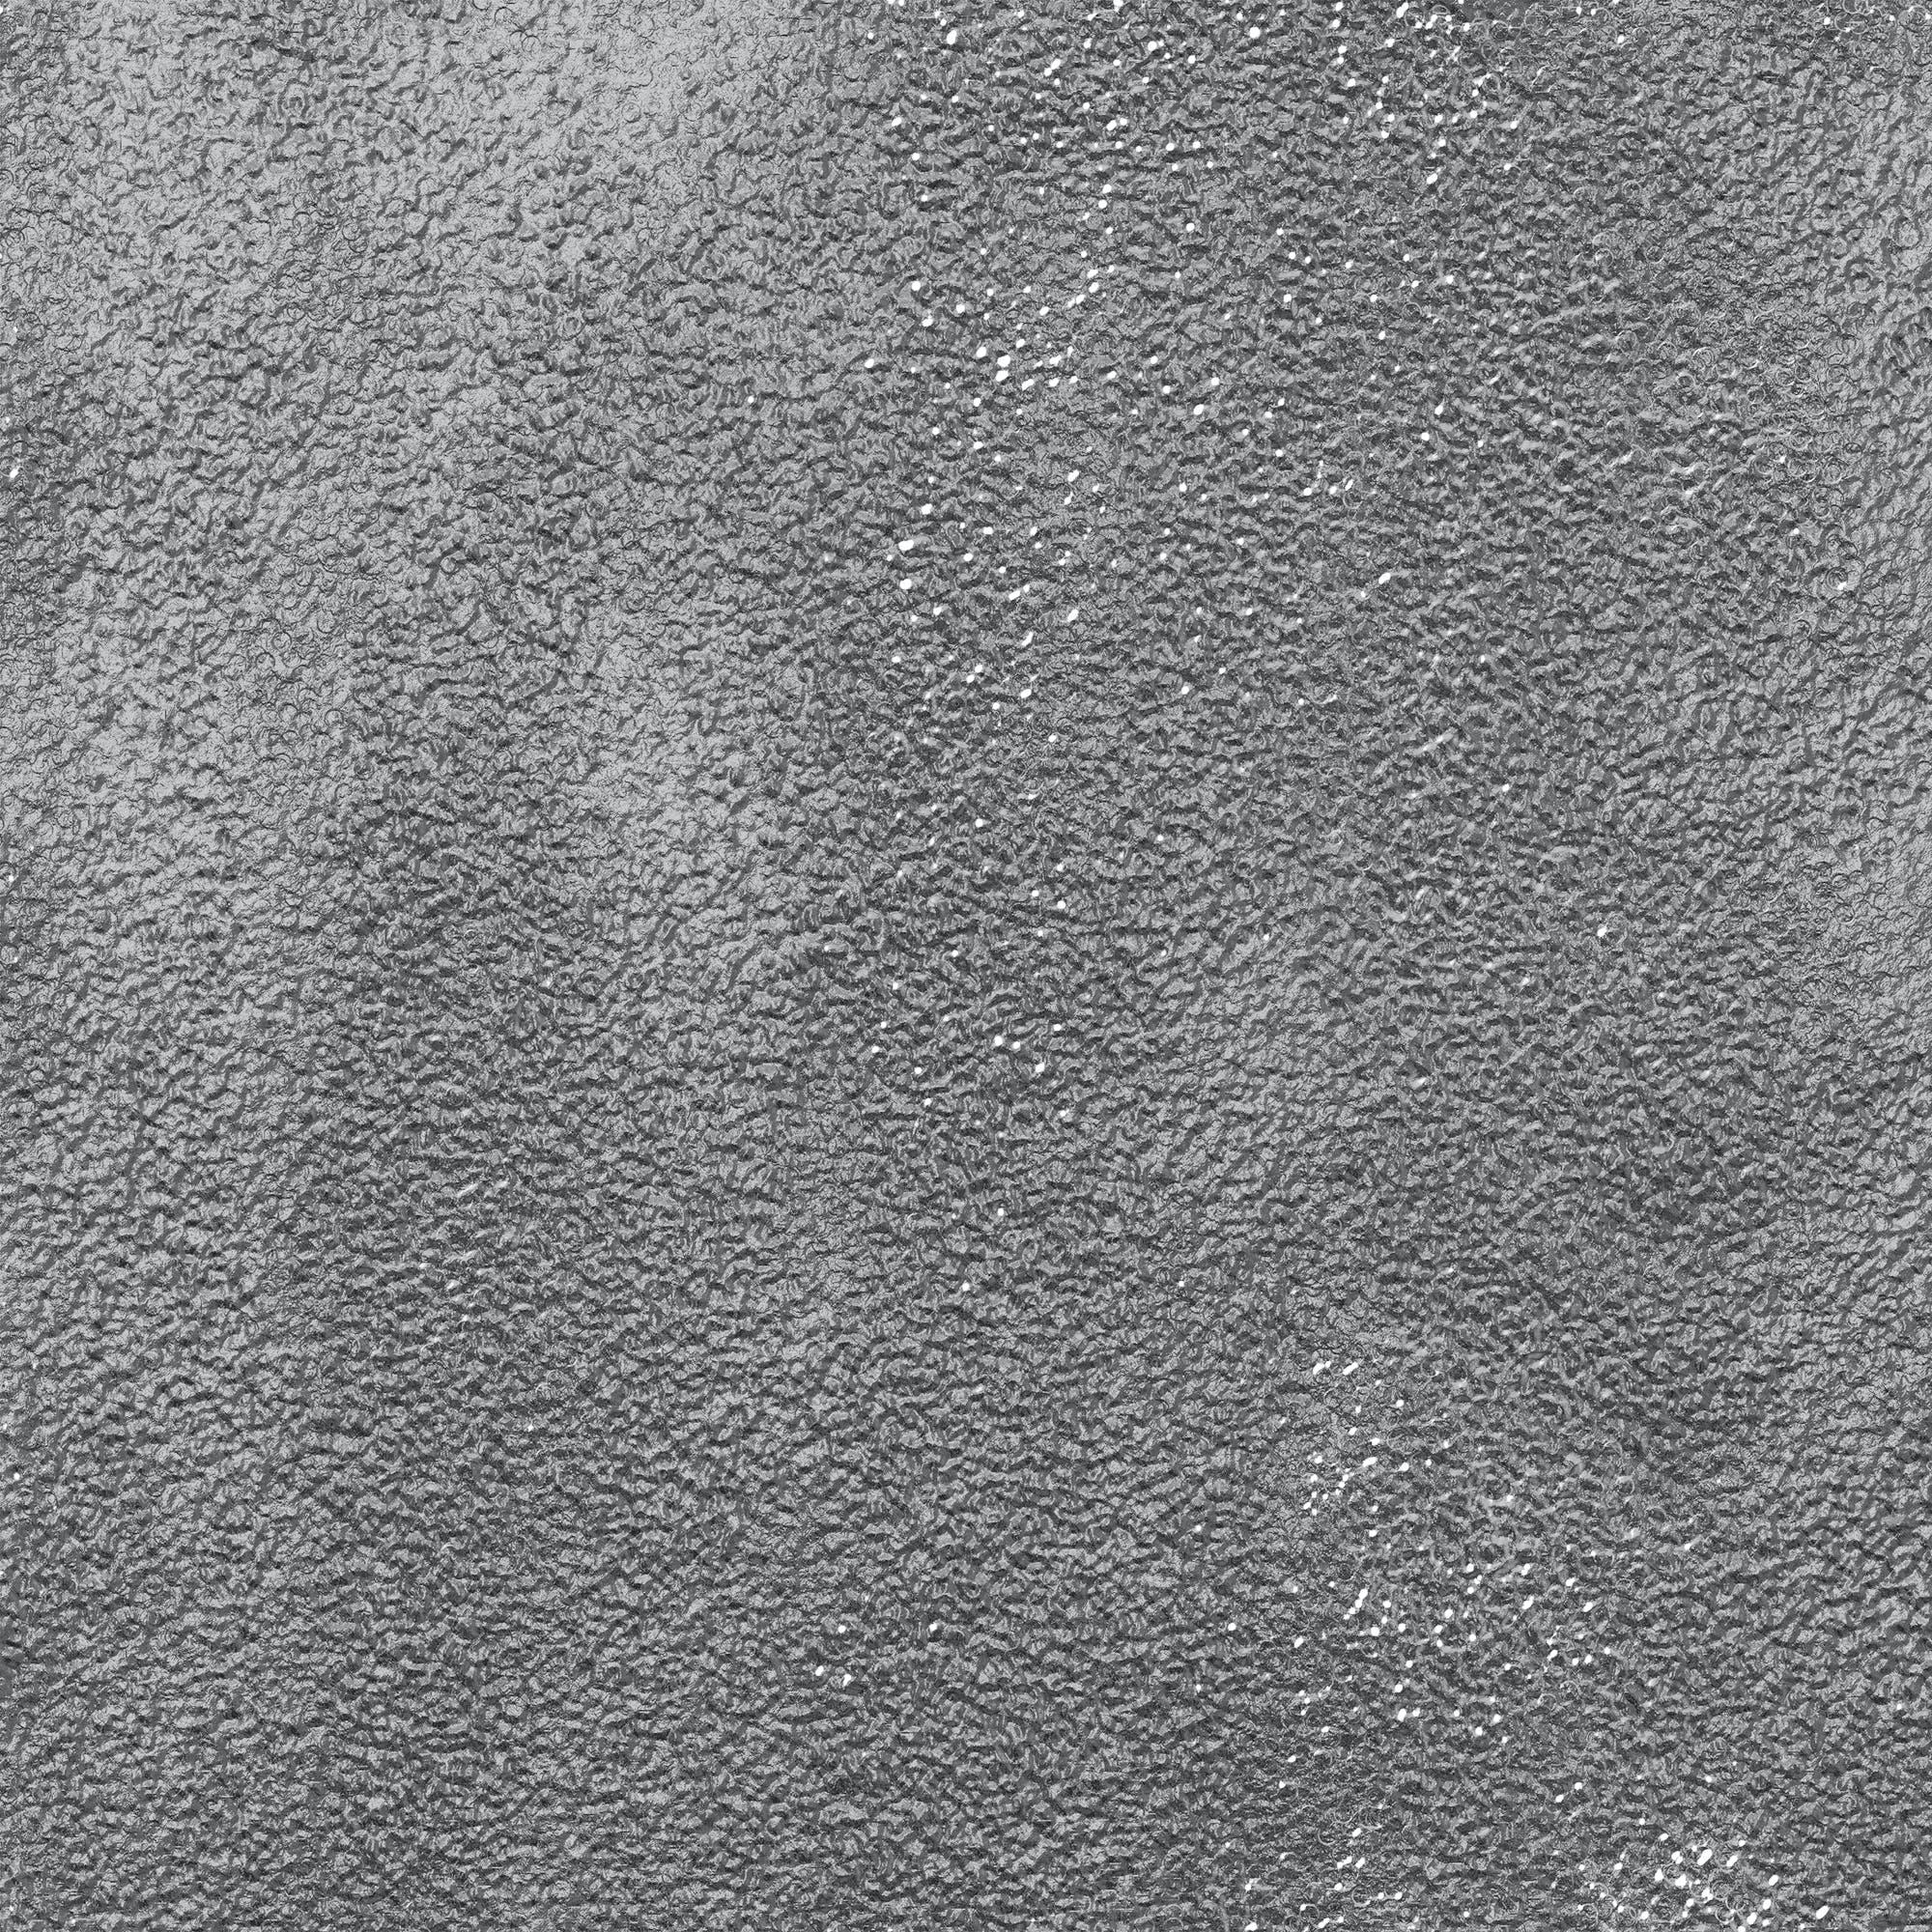 Kostenloses Stock Foto zu mauer, muster, oberfläche, rau